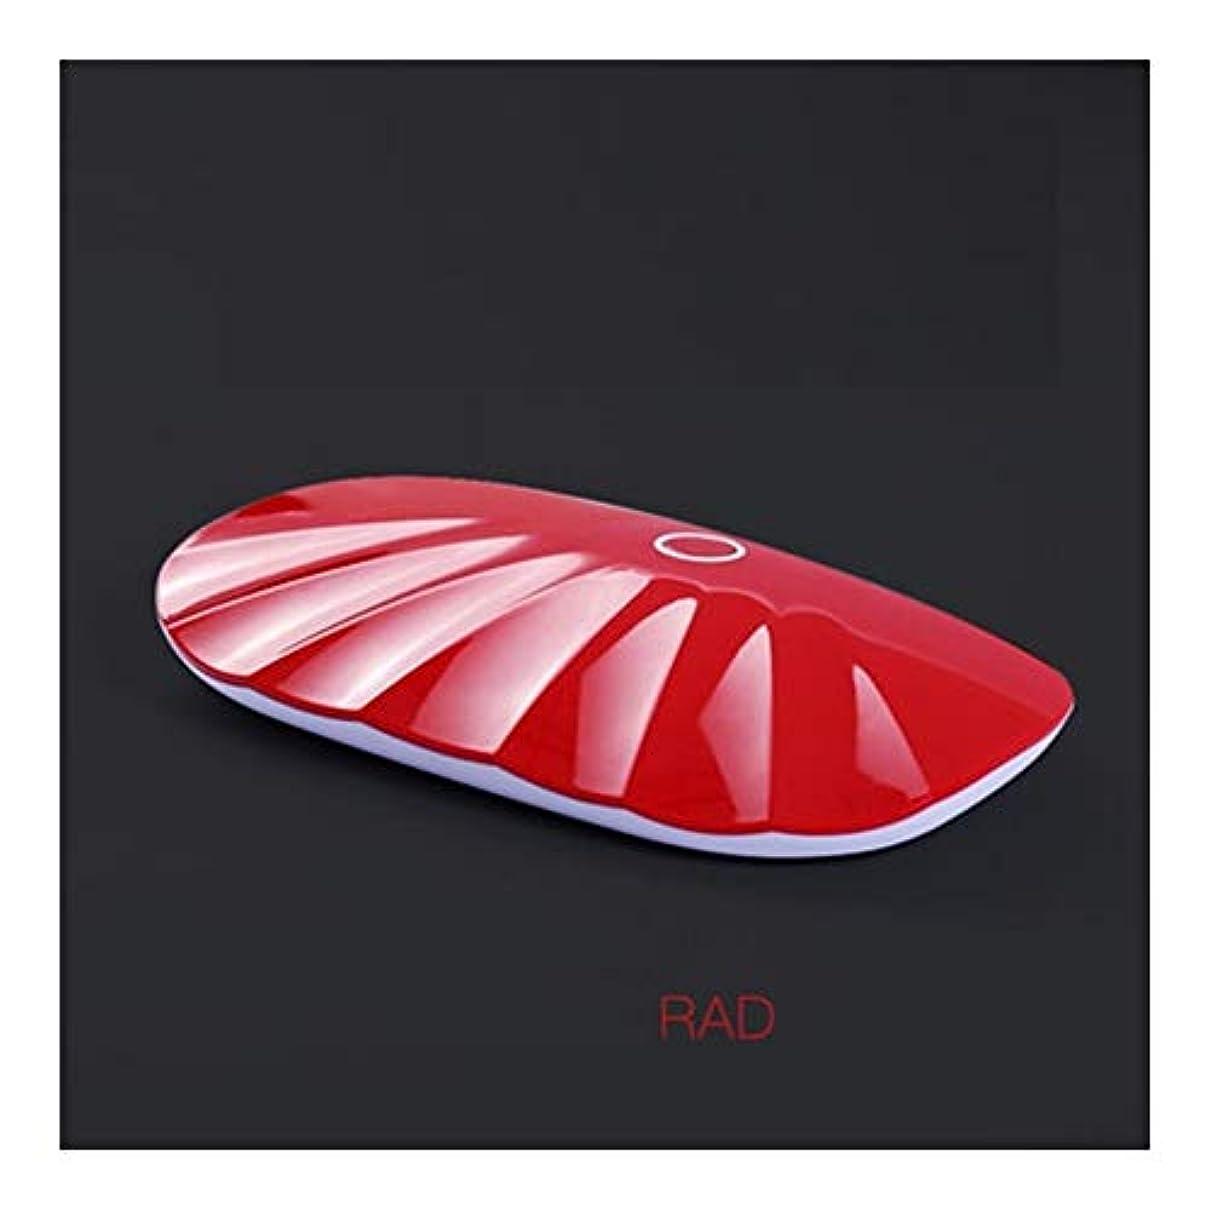 敷居コーラス緊張するLittleCat ミニポータブルLEDライトセラピー機ドライヤーネイルネイルUSBランプ照明ベーキングゴムトリートメント (色 : 赤)